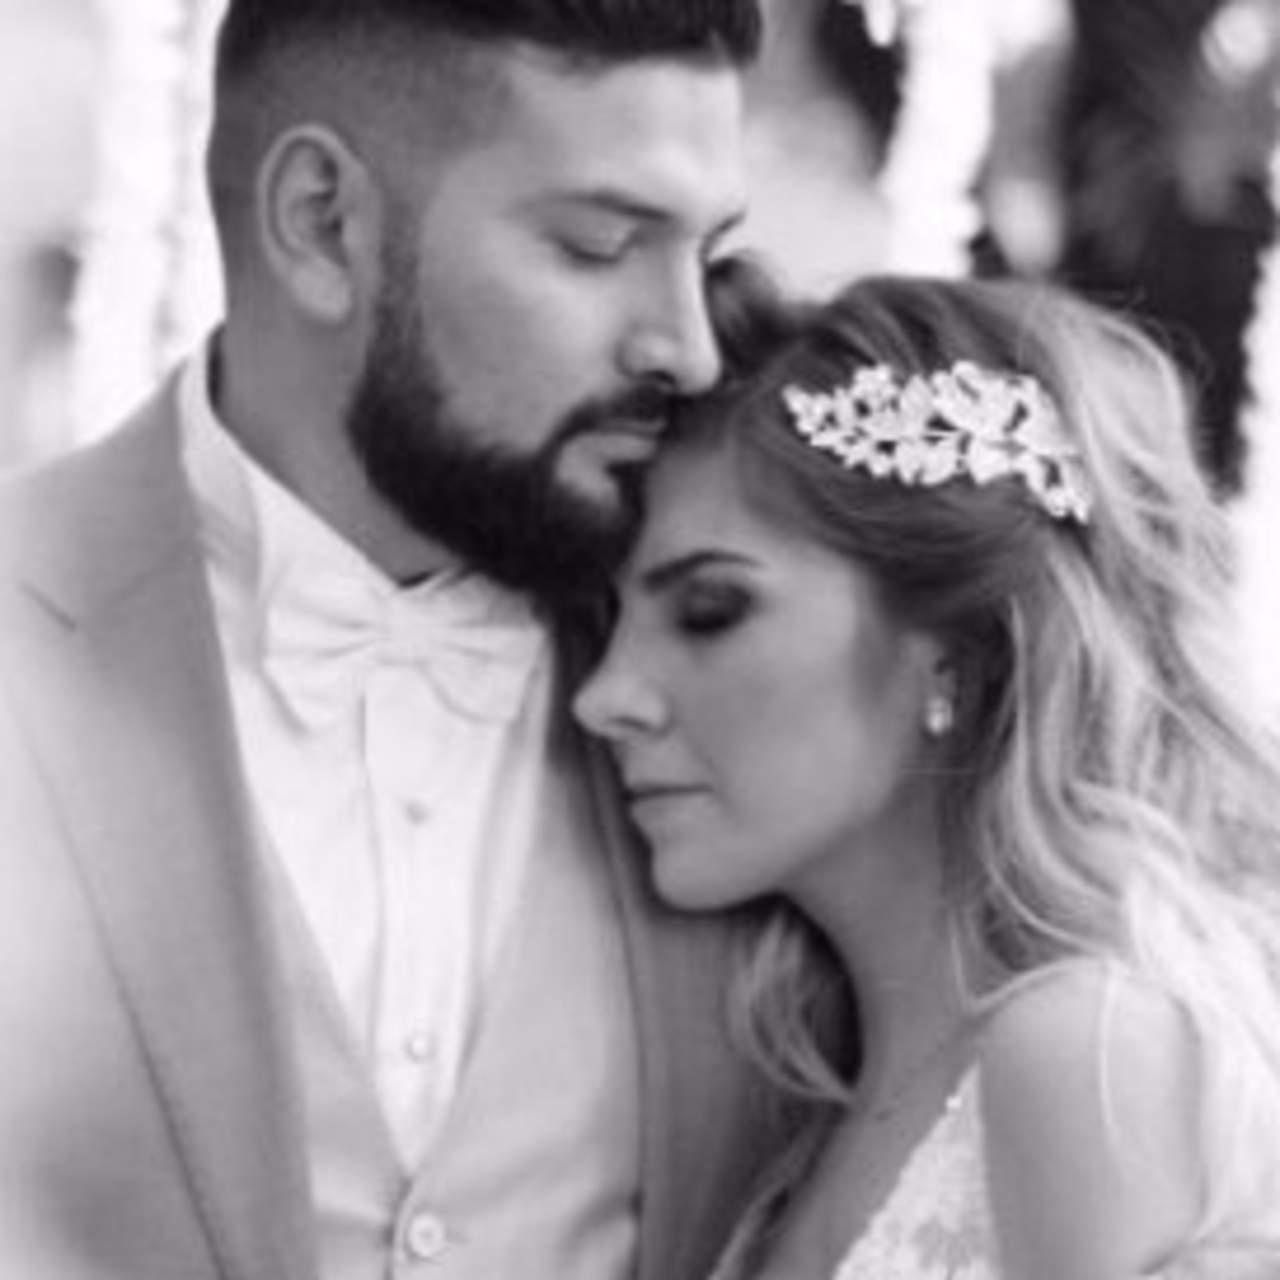 Karla Panini y Américo Garza esperan a su primer hijo, señala publicación